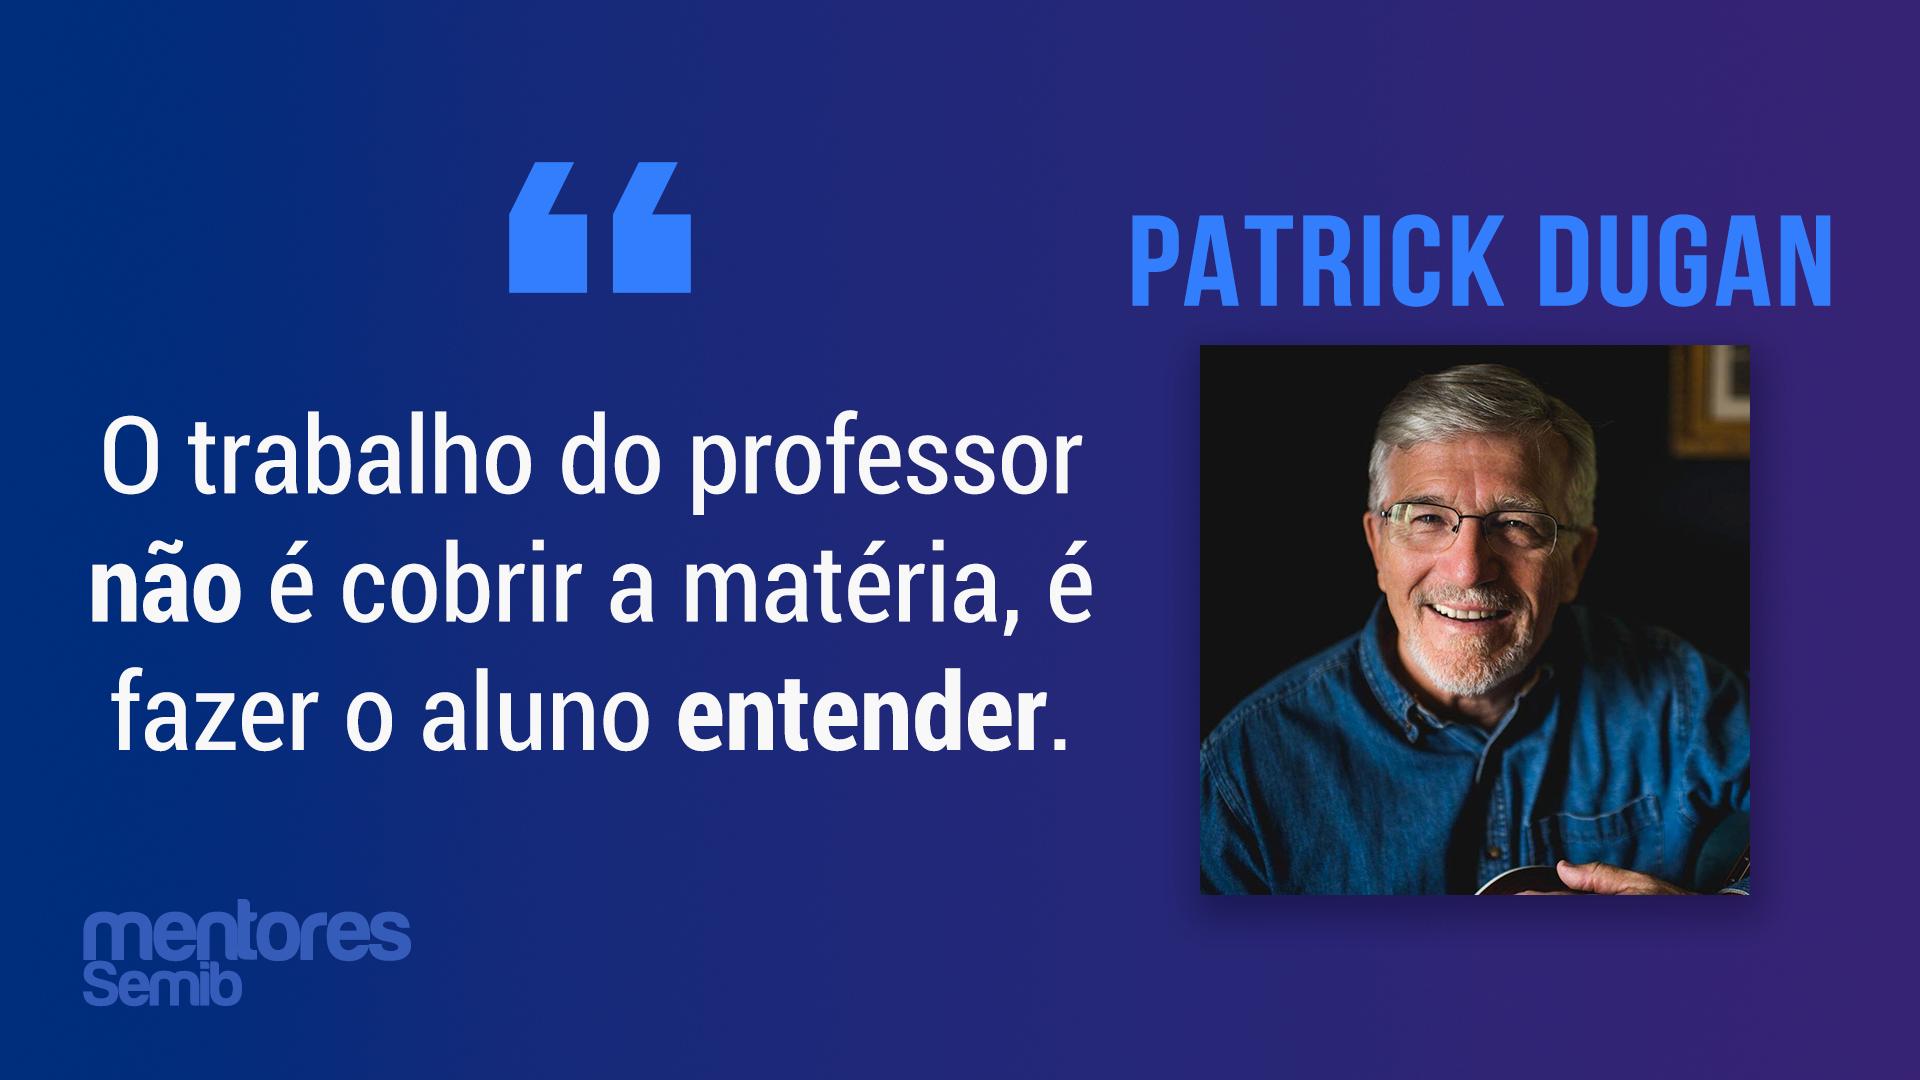 Como ter boa didática para aulas, estudos e apresentações (com Patrick Dugan) – Semib Podcast #26